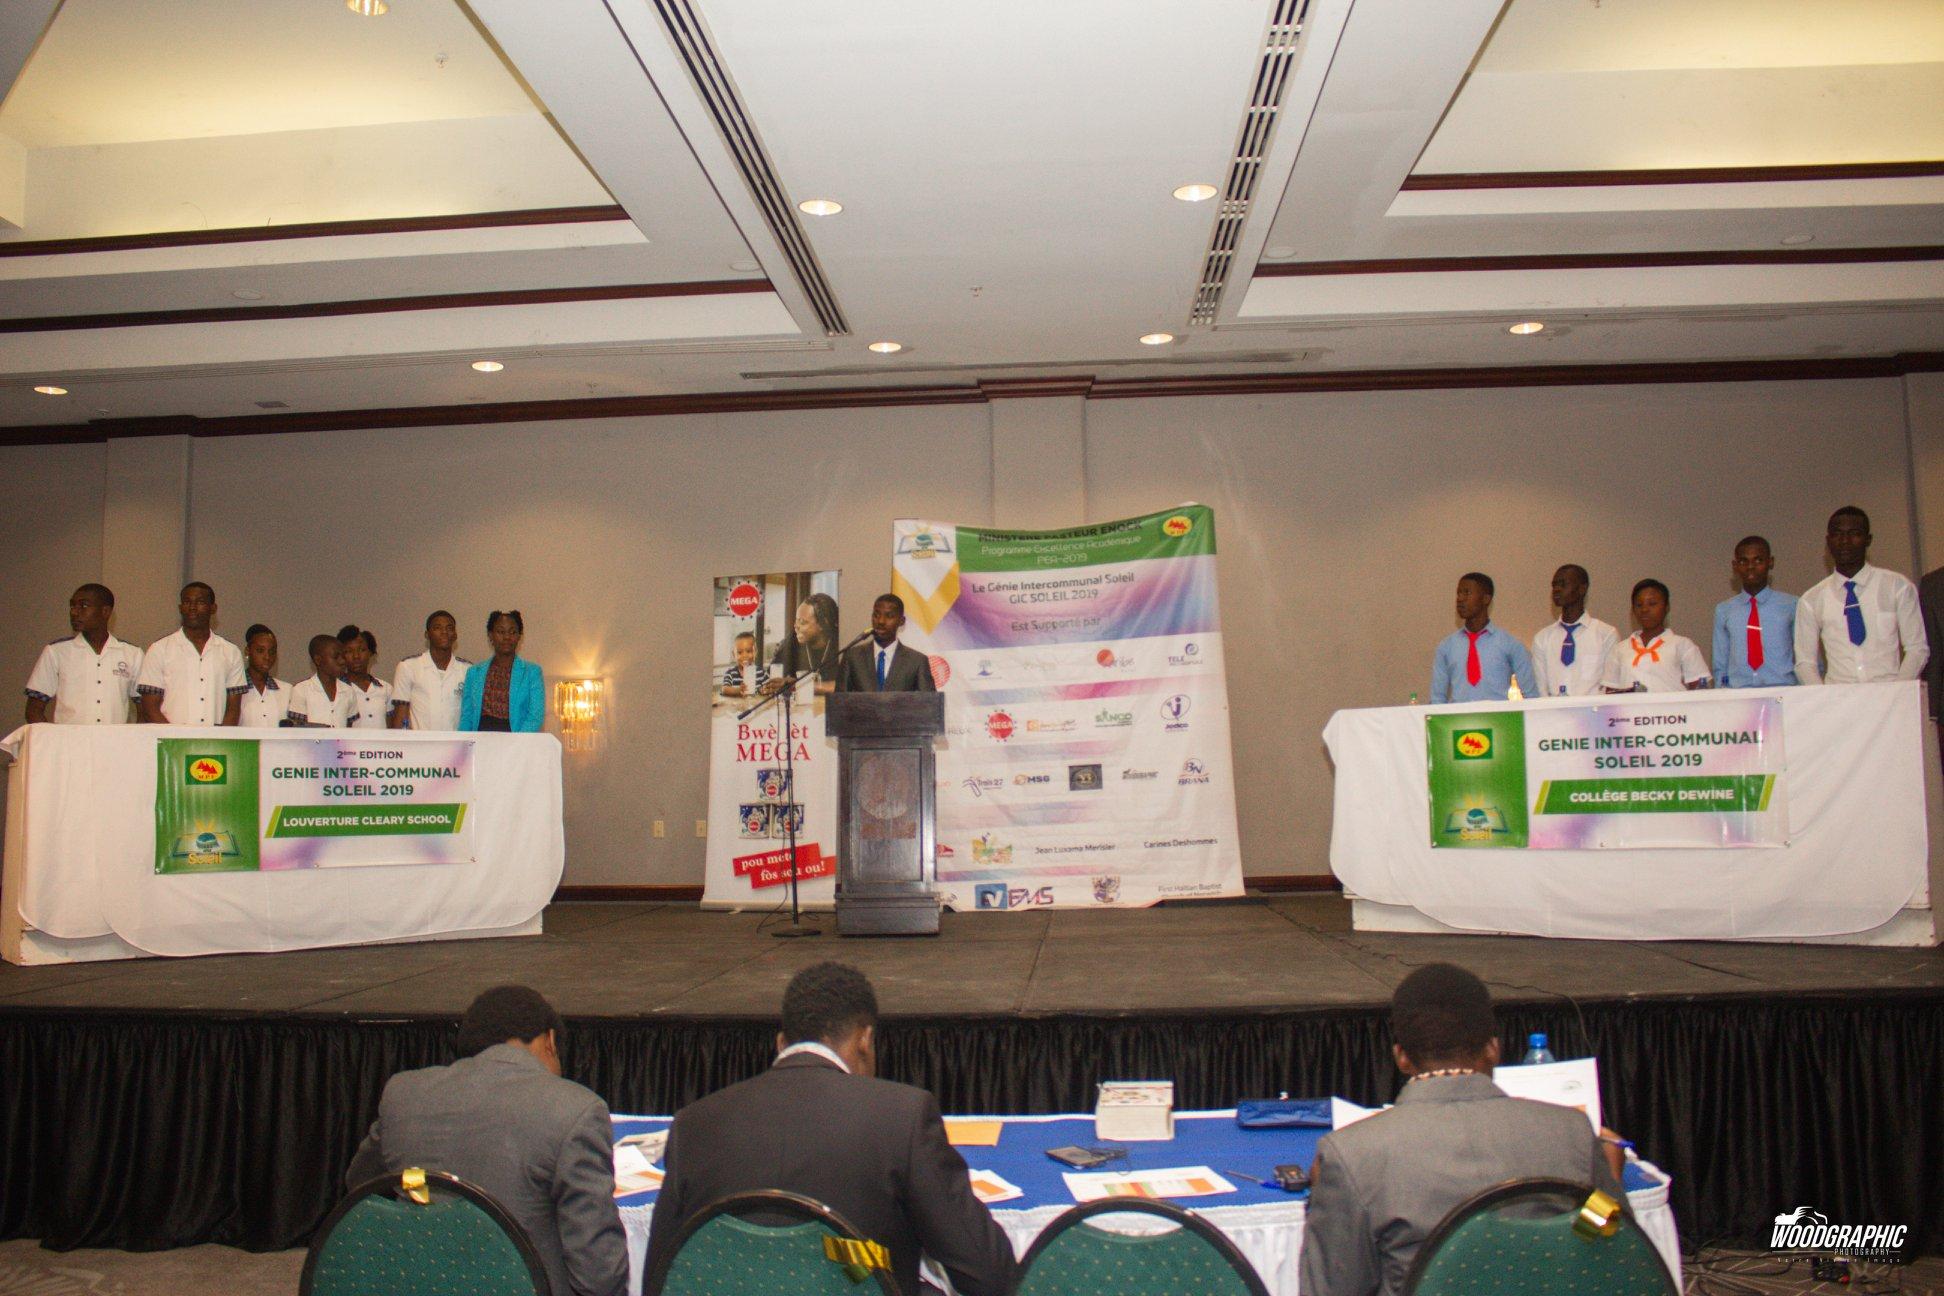 La finale du concours de GIC Soleil 2019 organisée samedi 4 mail à l'hôtel Caribe ou les deux écoles se sont affrontés./Photo-source: Page Facebook Jean Enock Joseph.